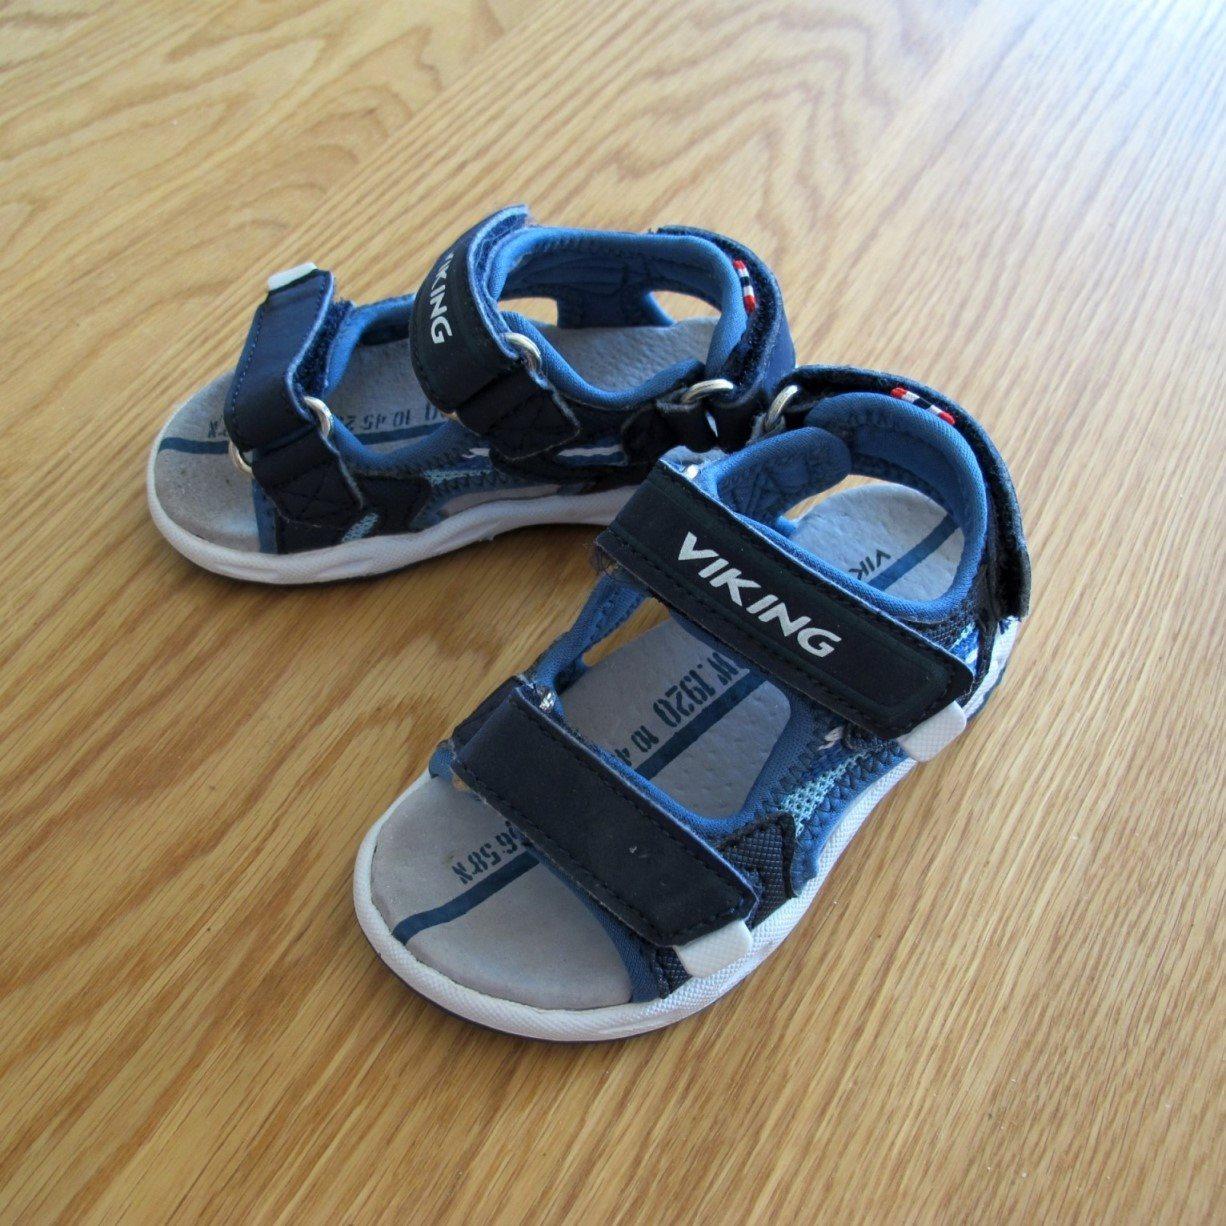 innermått skor storlek